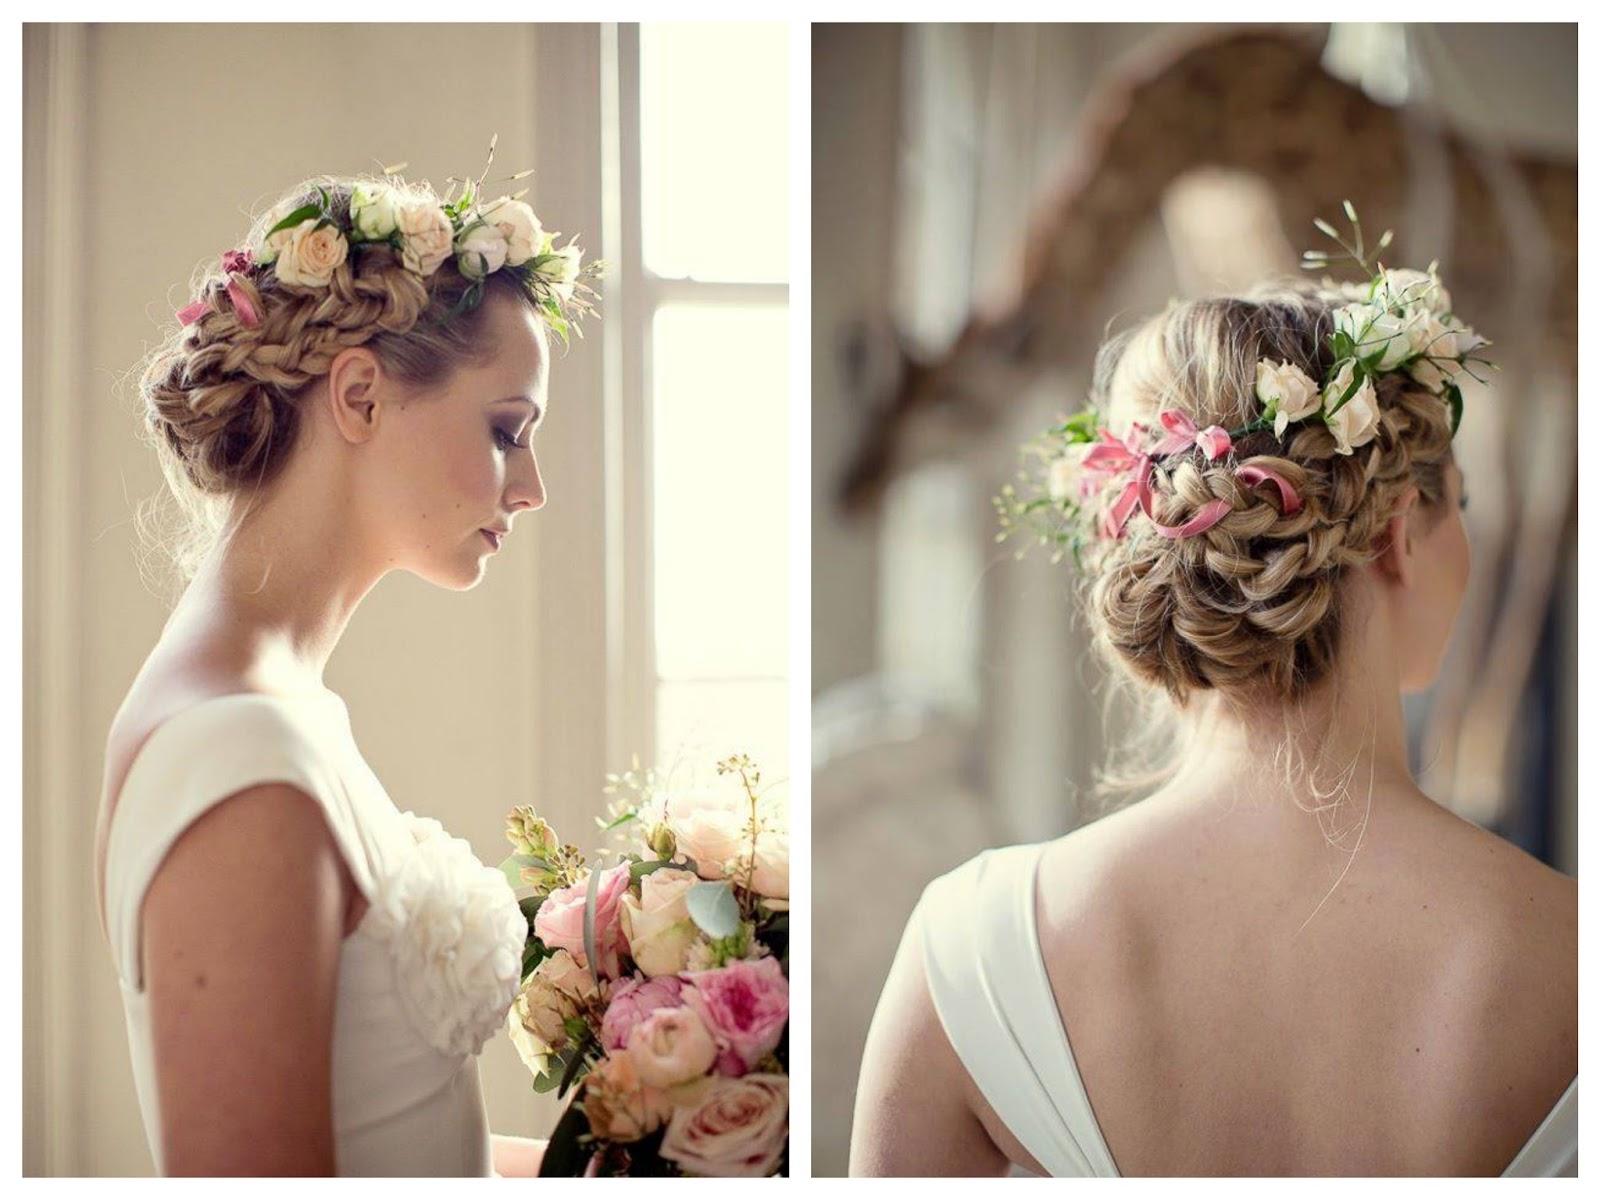 Peinados de novia con flores naturales elainacortez - Como hacer peinado para boda ...